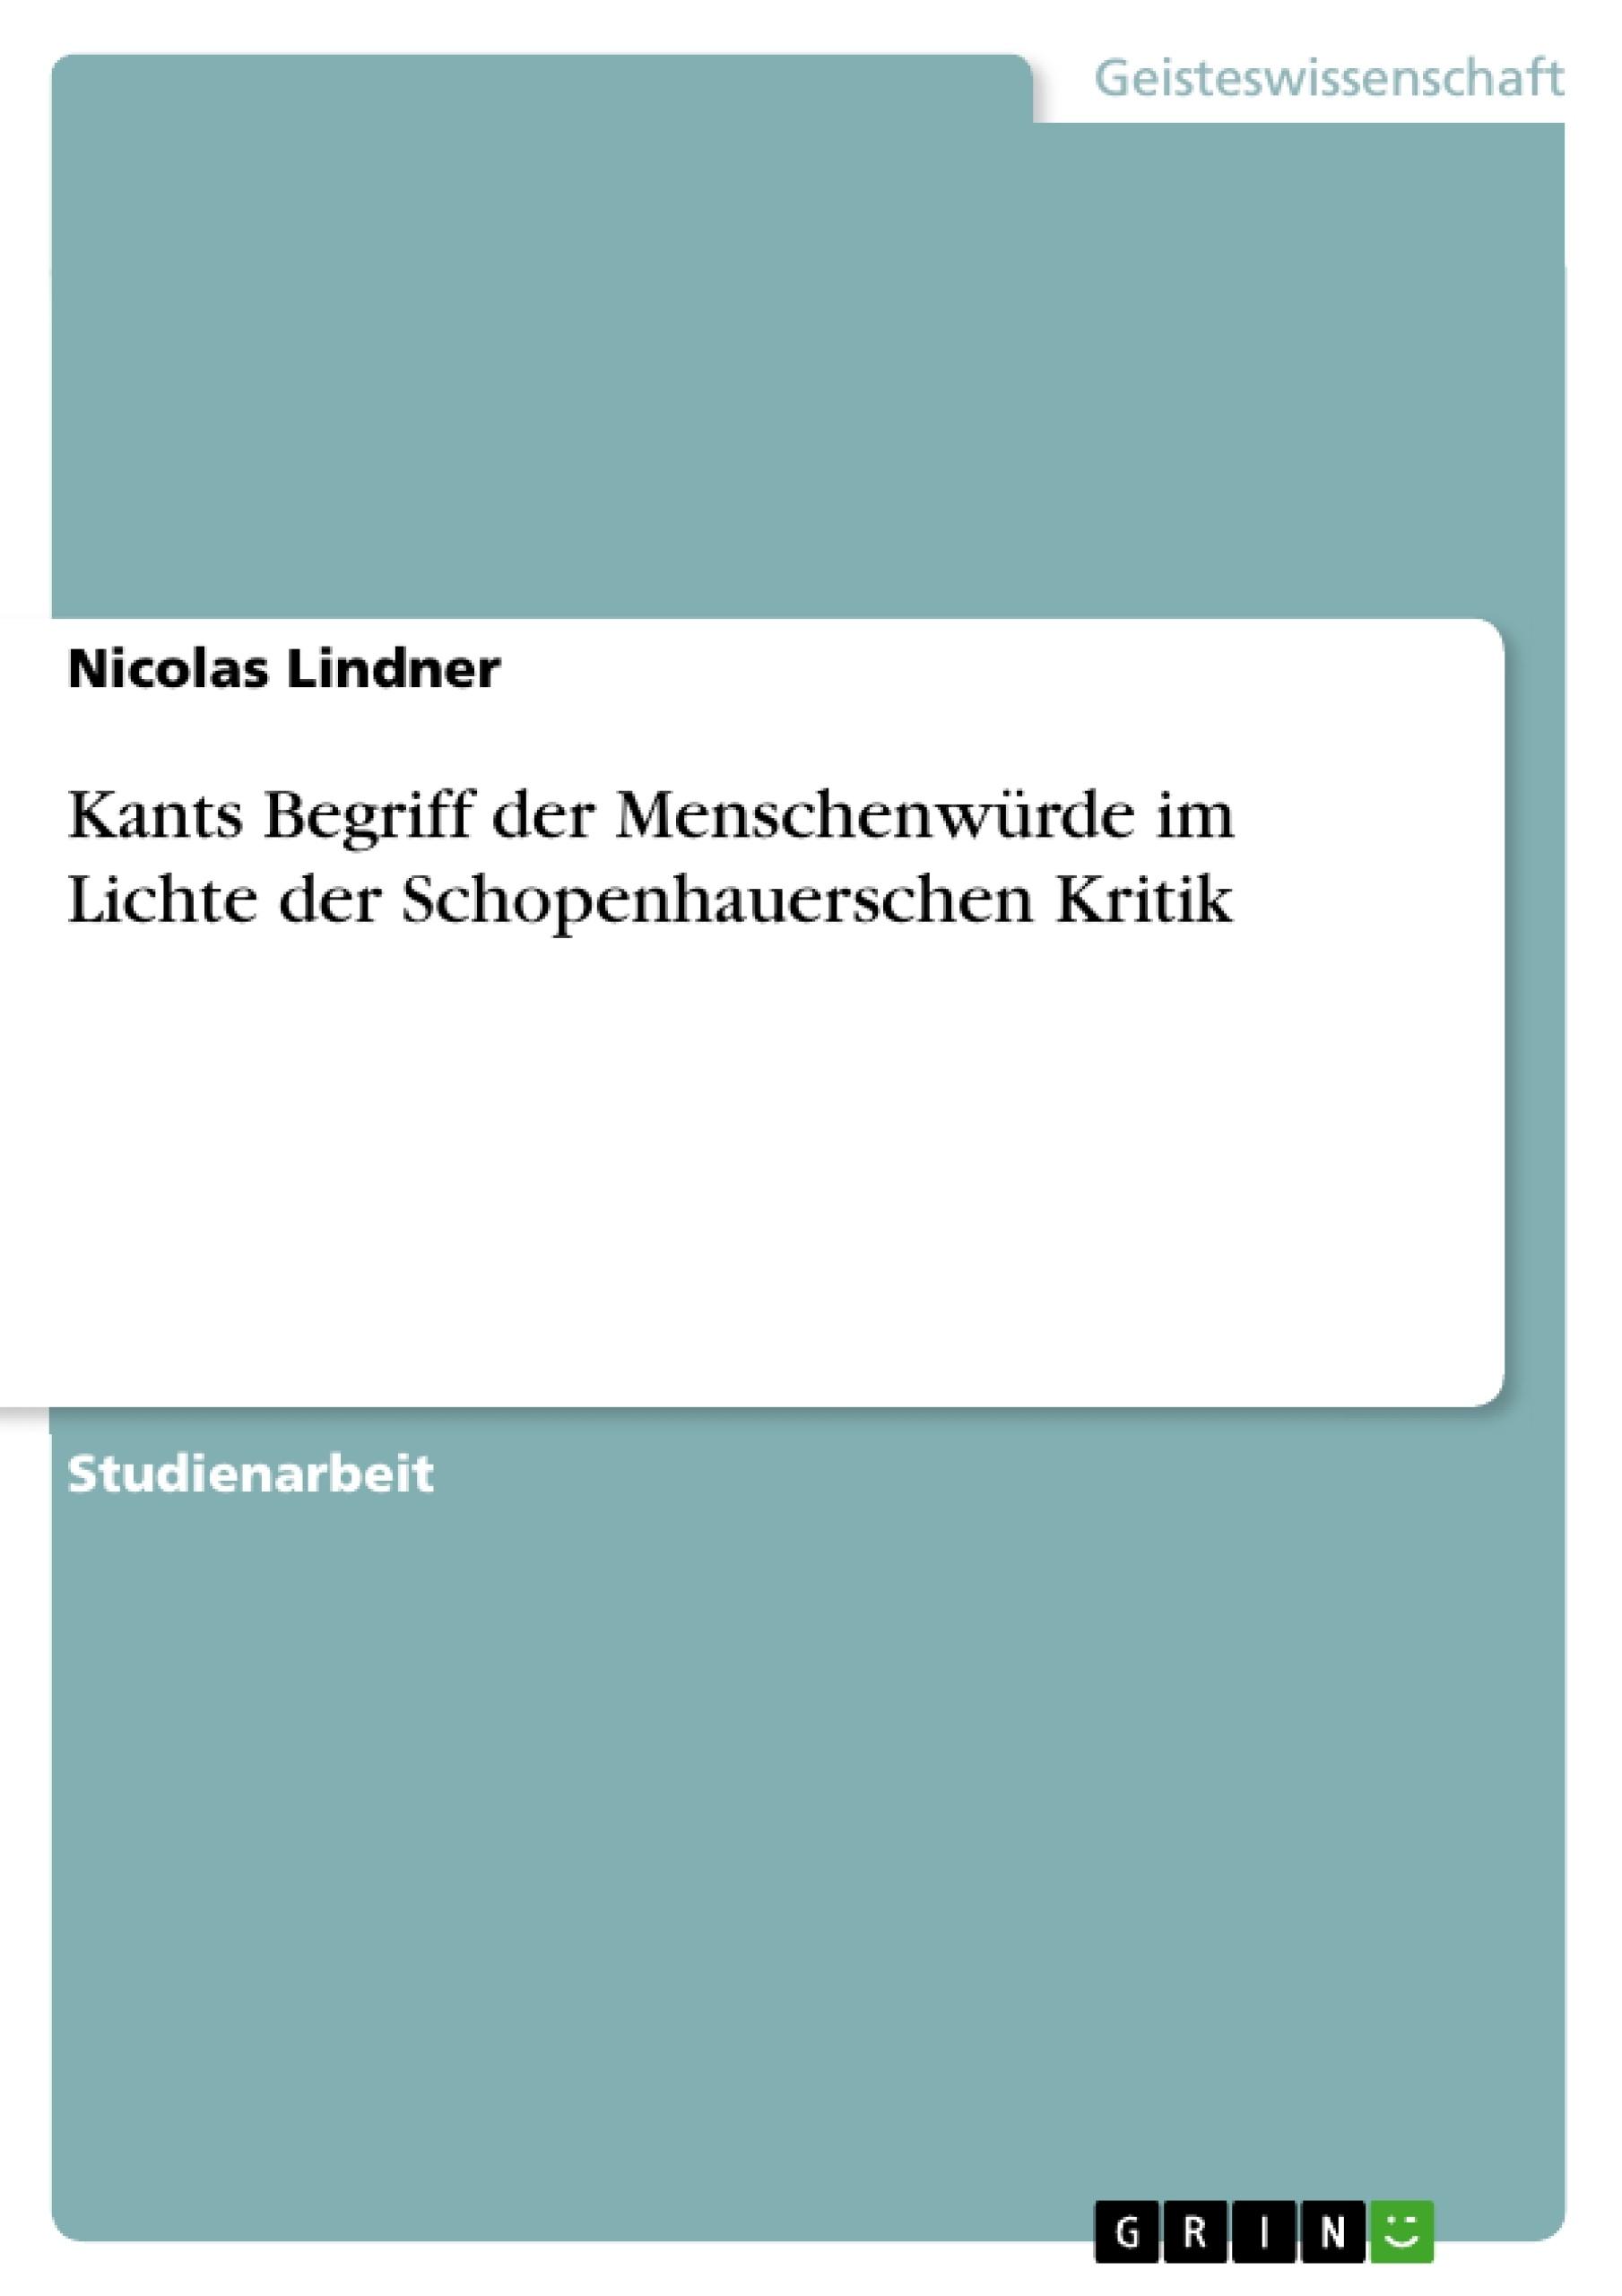 Titel: Kants Begriff der Menschenwürde im Lichte der Schopenhauerschen Kritik